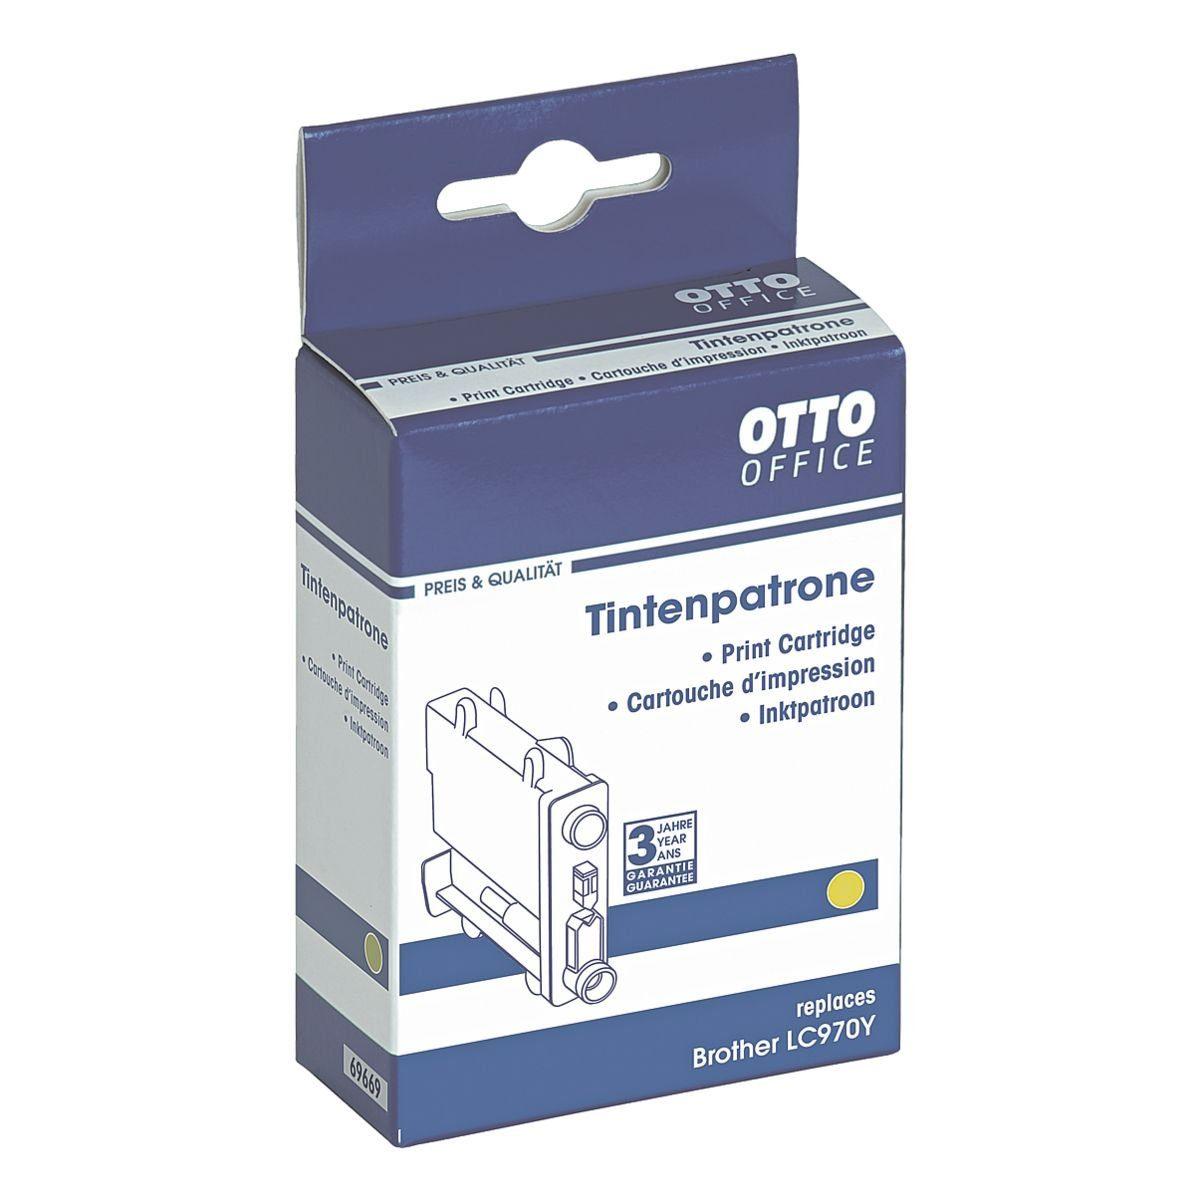 OTTO Office Standard Tintenpatrone ersetzt Brother »LC970Y«